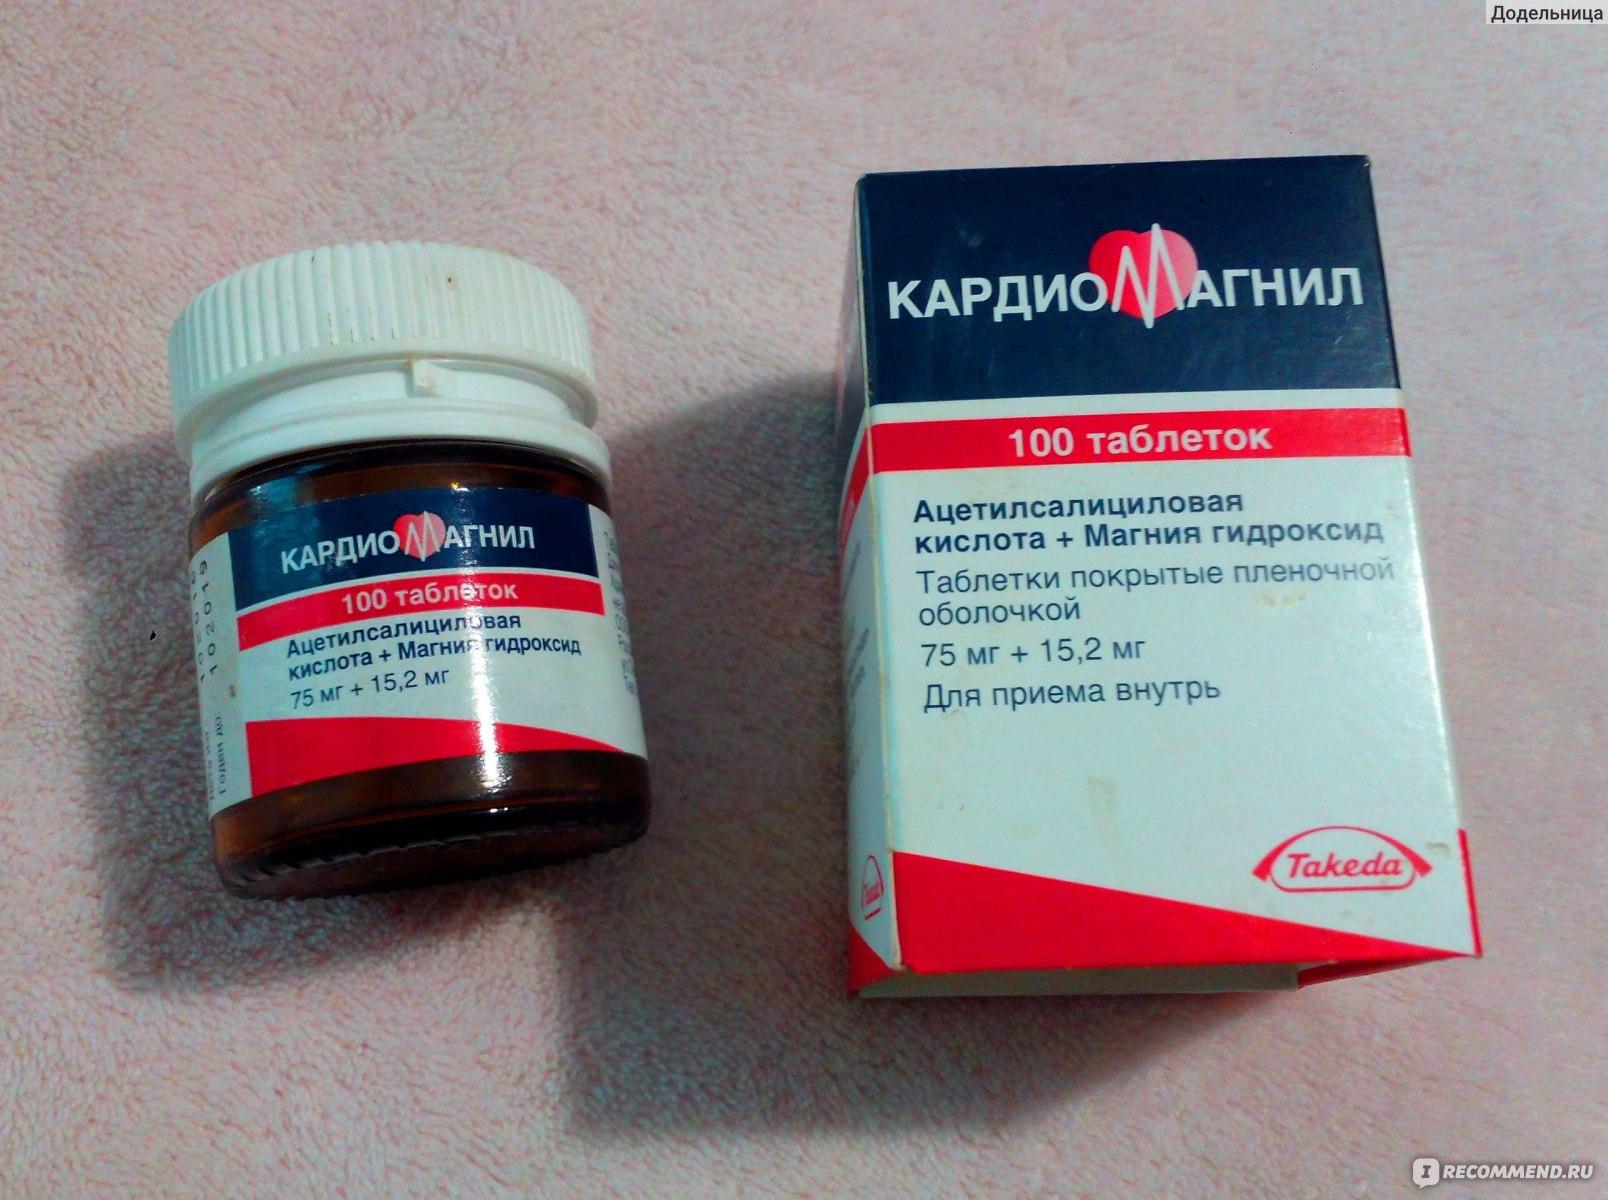 Аспирин при беременности: можно ли пить в 1, 2, 3 триместре, для чего назначают, кардио, отзывы, противопоказания, безопасная доза